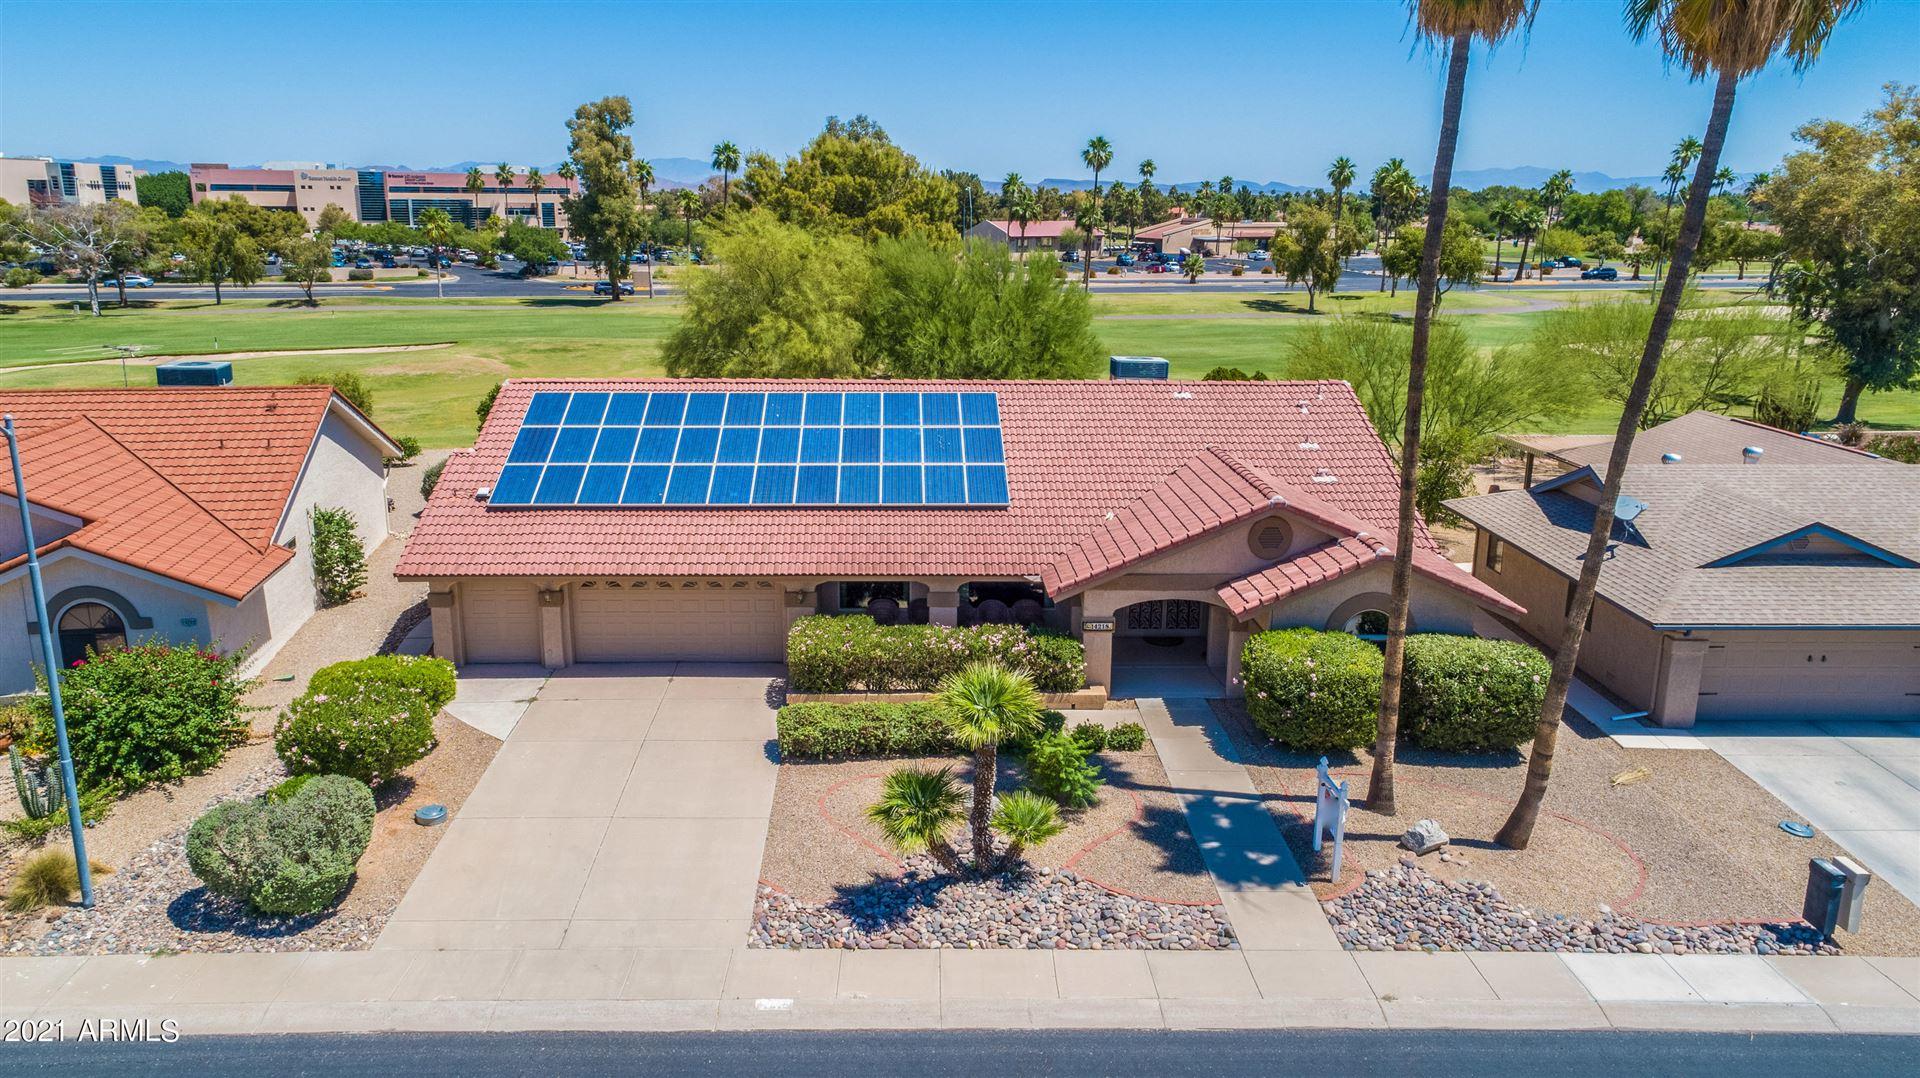 Photo of 14218 W PARKLAND Drive, Sun City West, AZ 85375 (MLS # 6267428)